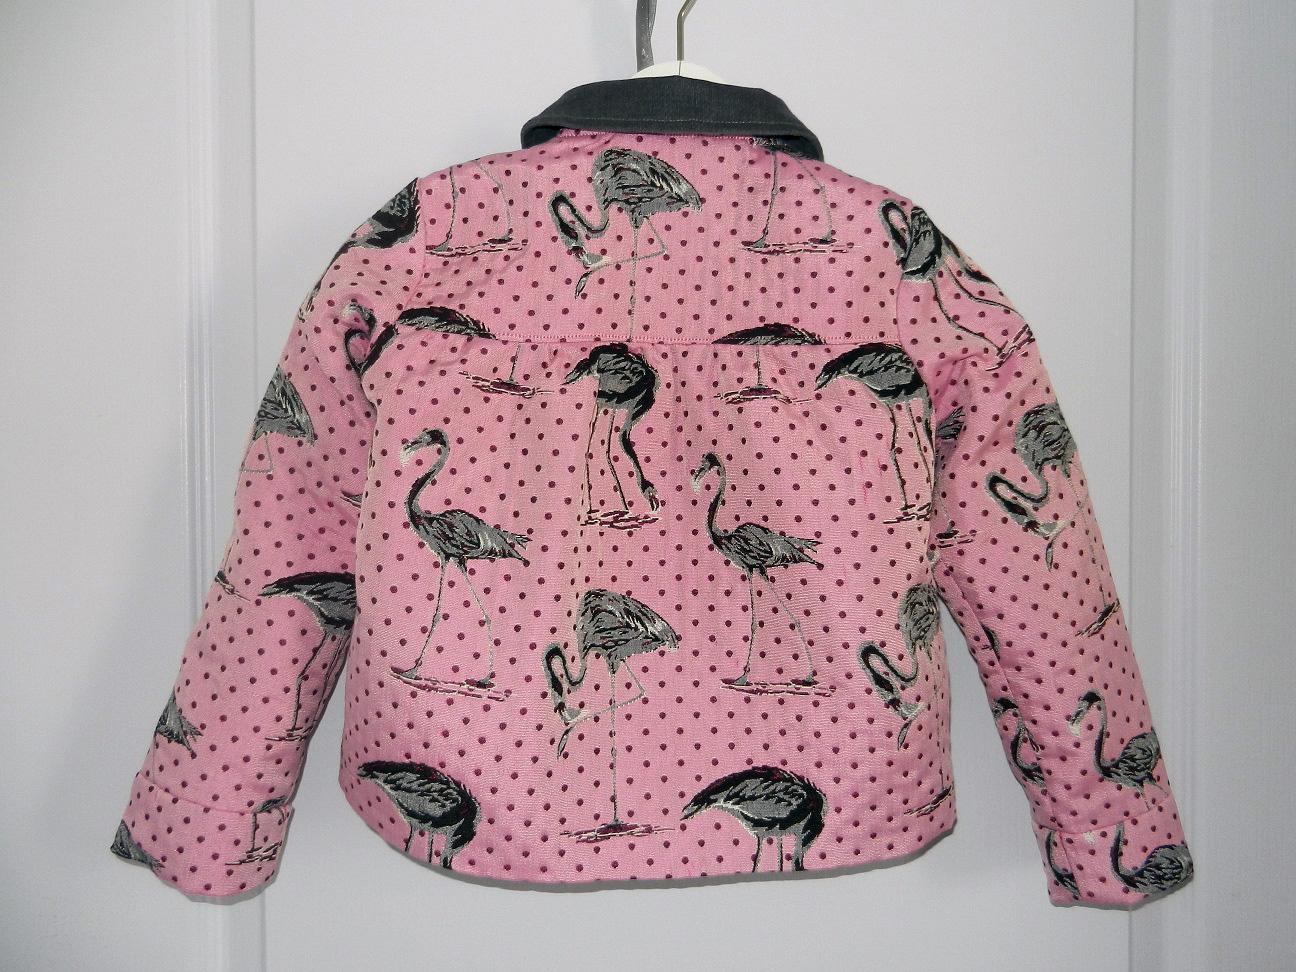 Duchesse or ange 263 veste flamands roses col velours gris pink flamingo jacket grey velvet collar d